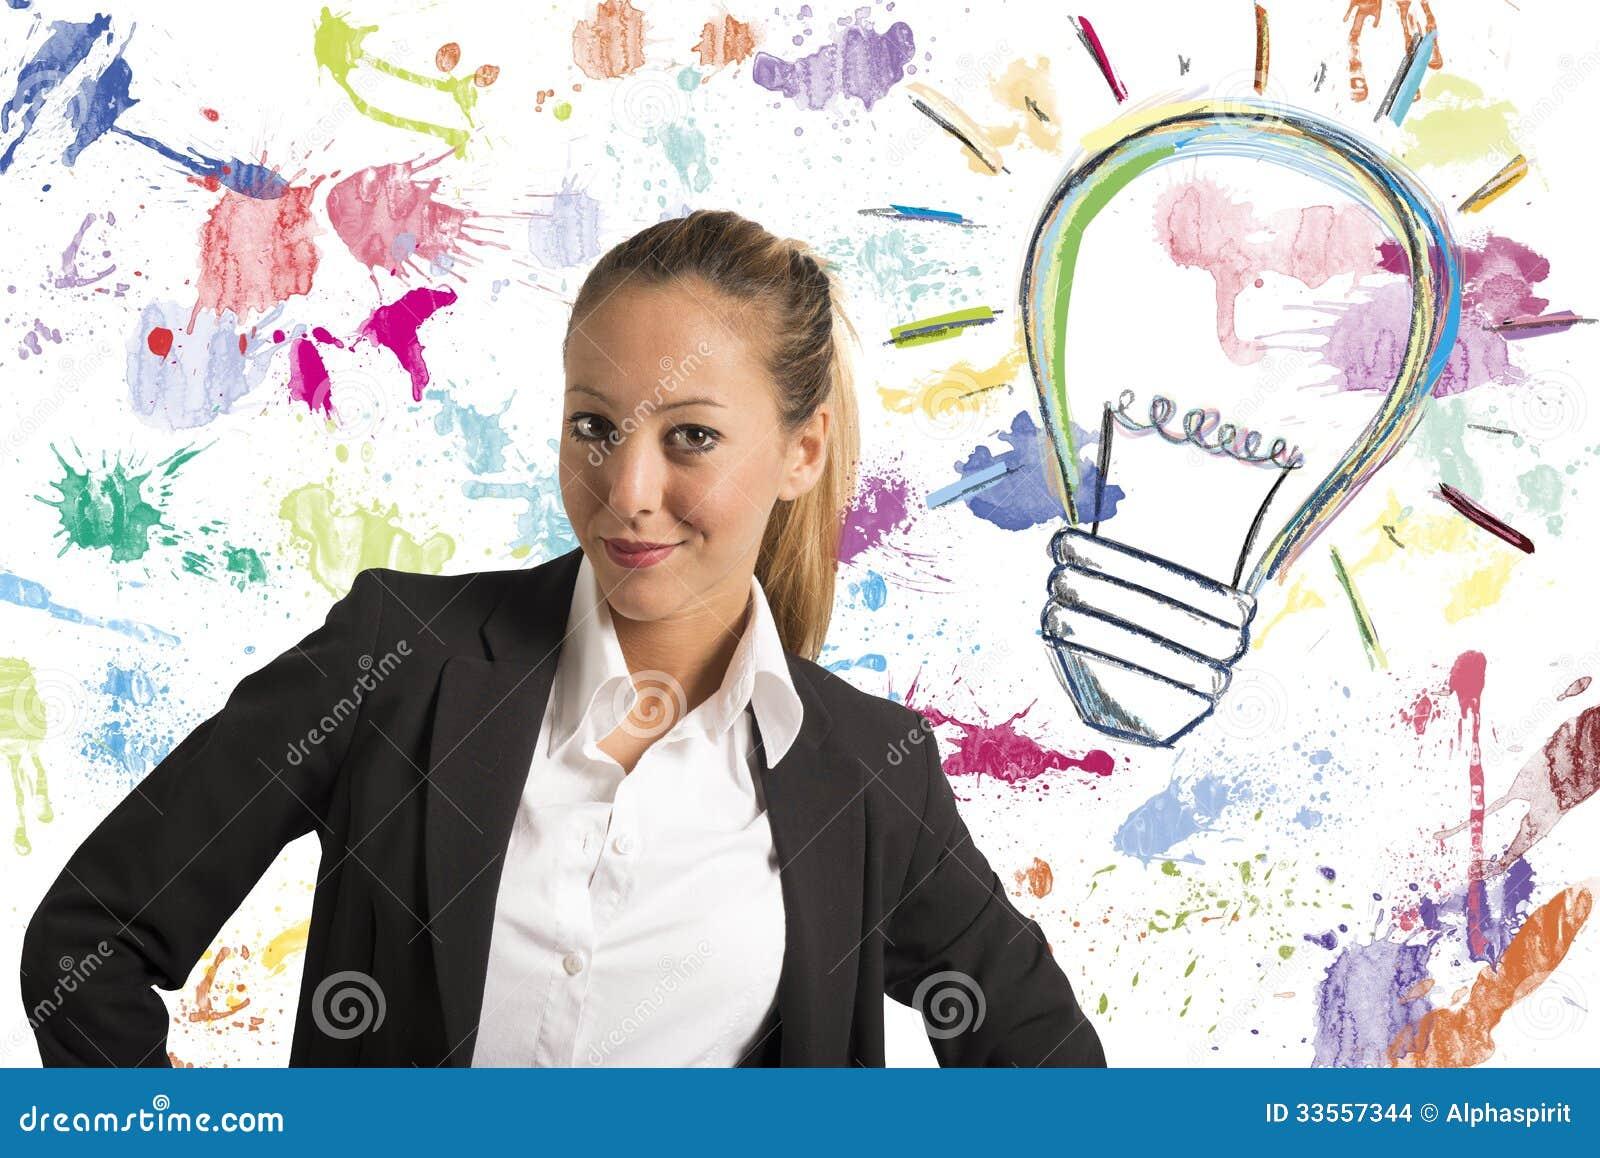 какой творческий бизнес можно открыть отметить, что для